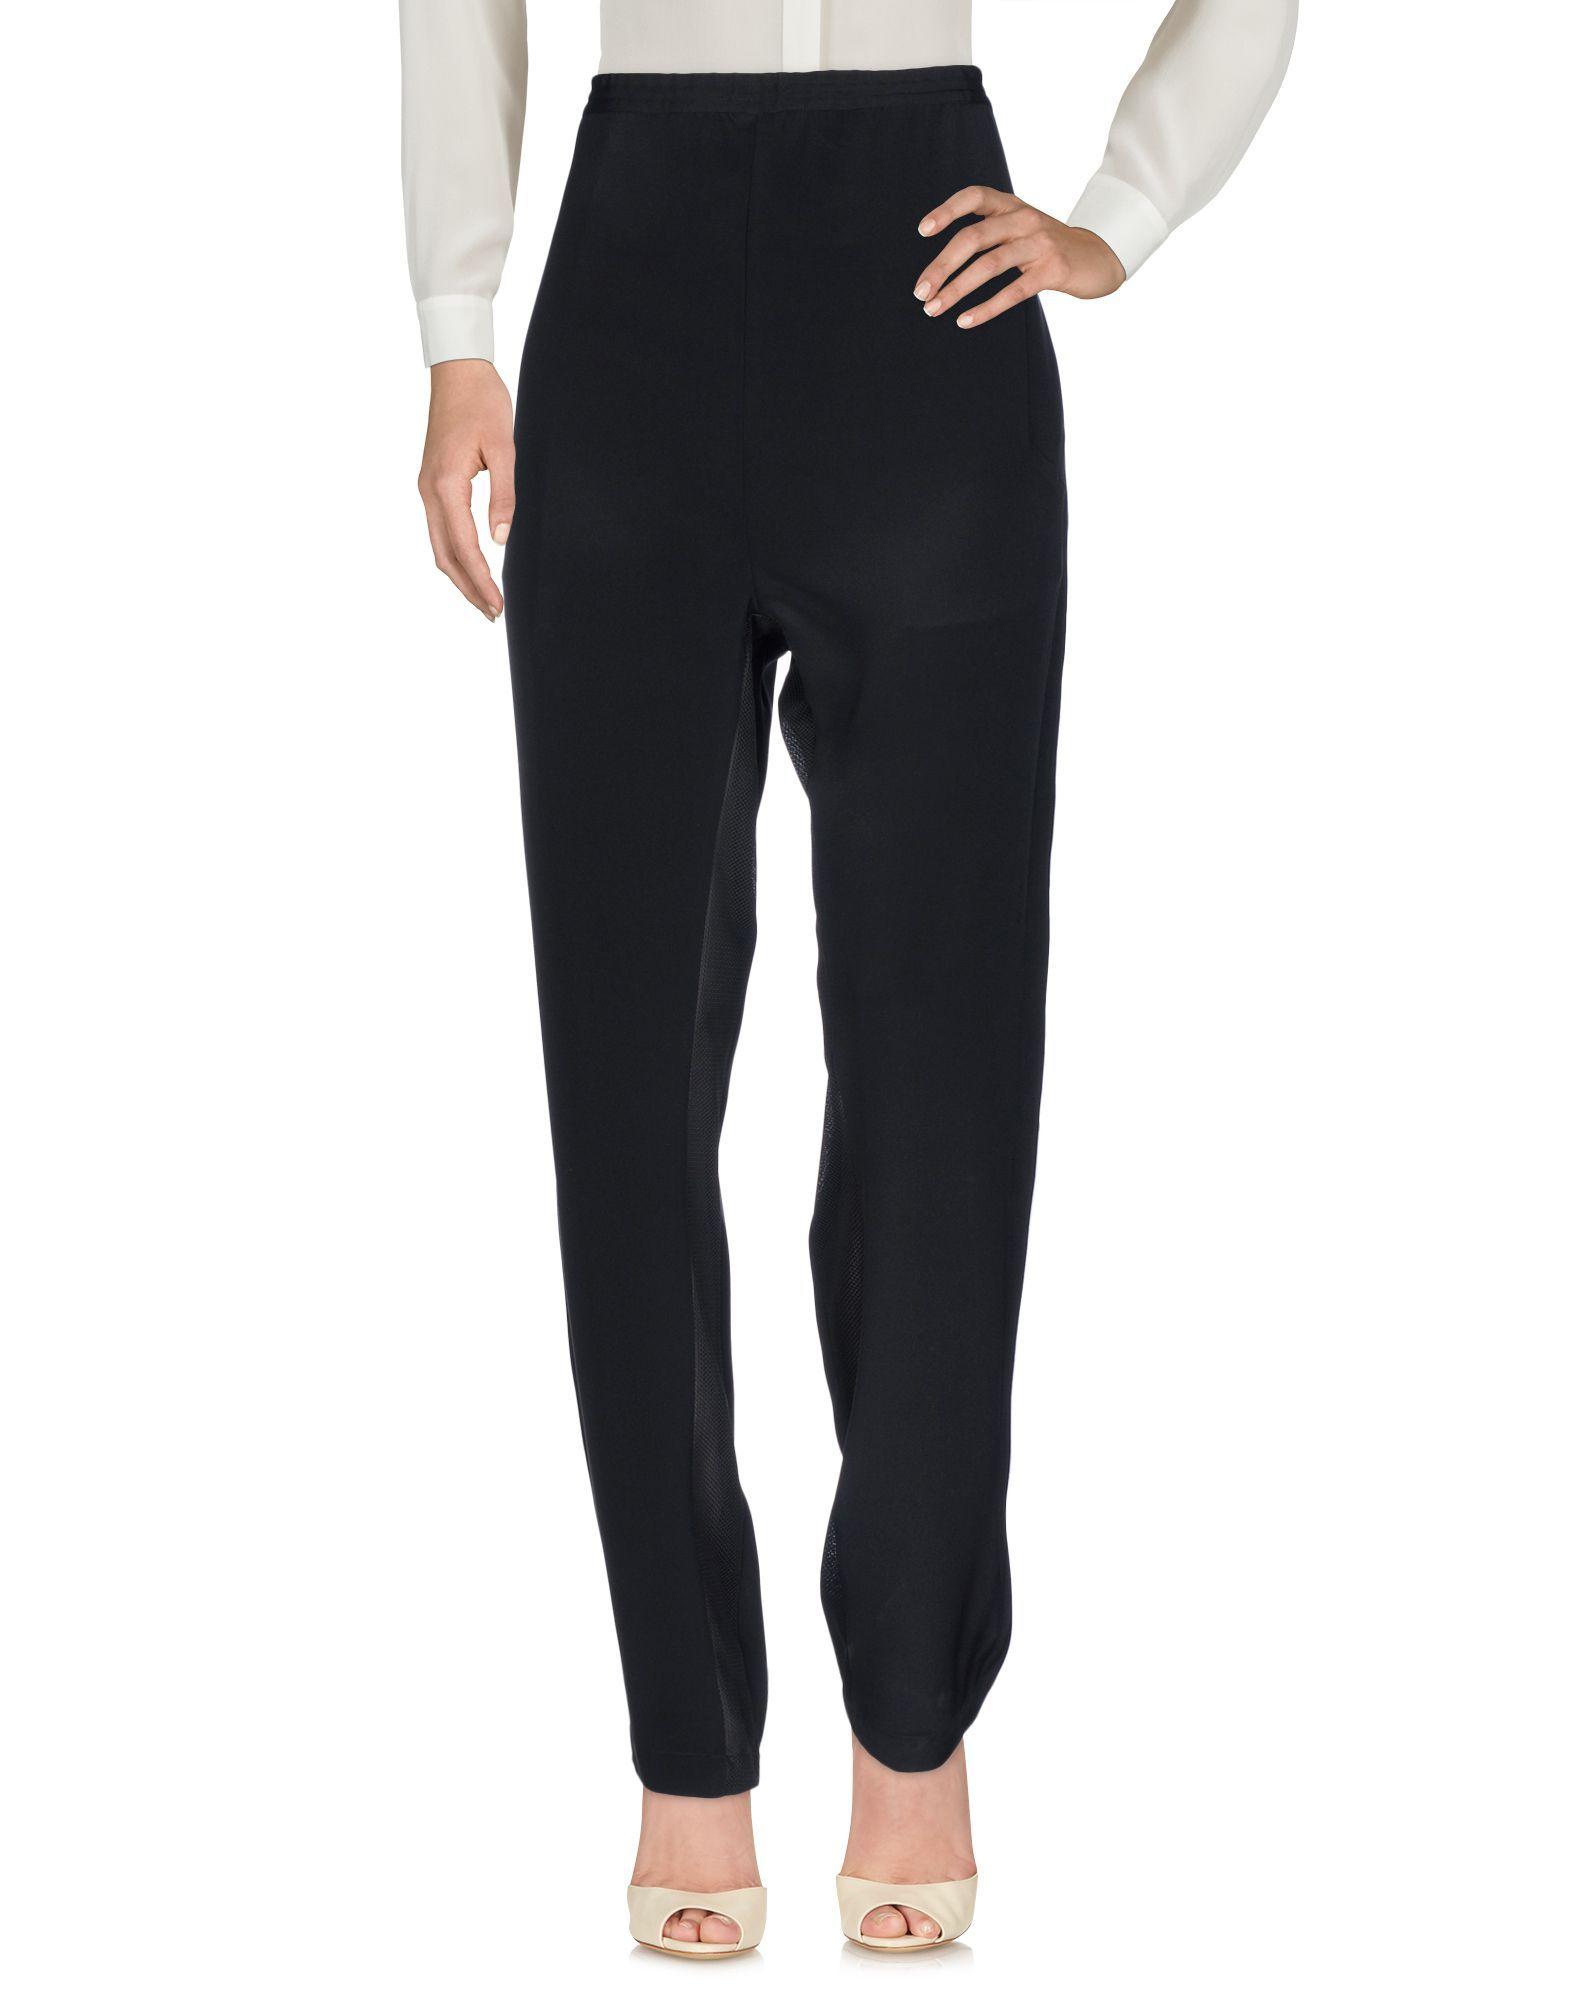 Golden Goose Deluxe Brand Black Silk Tapered Leg Trousers